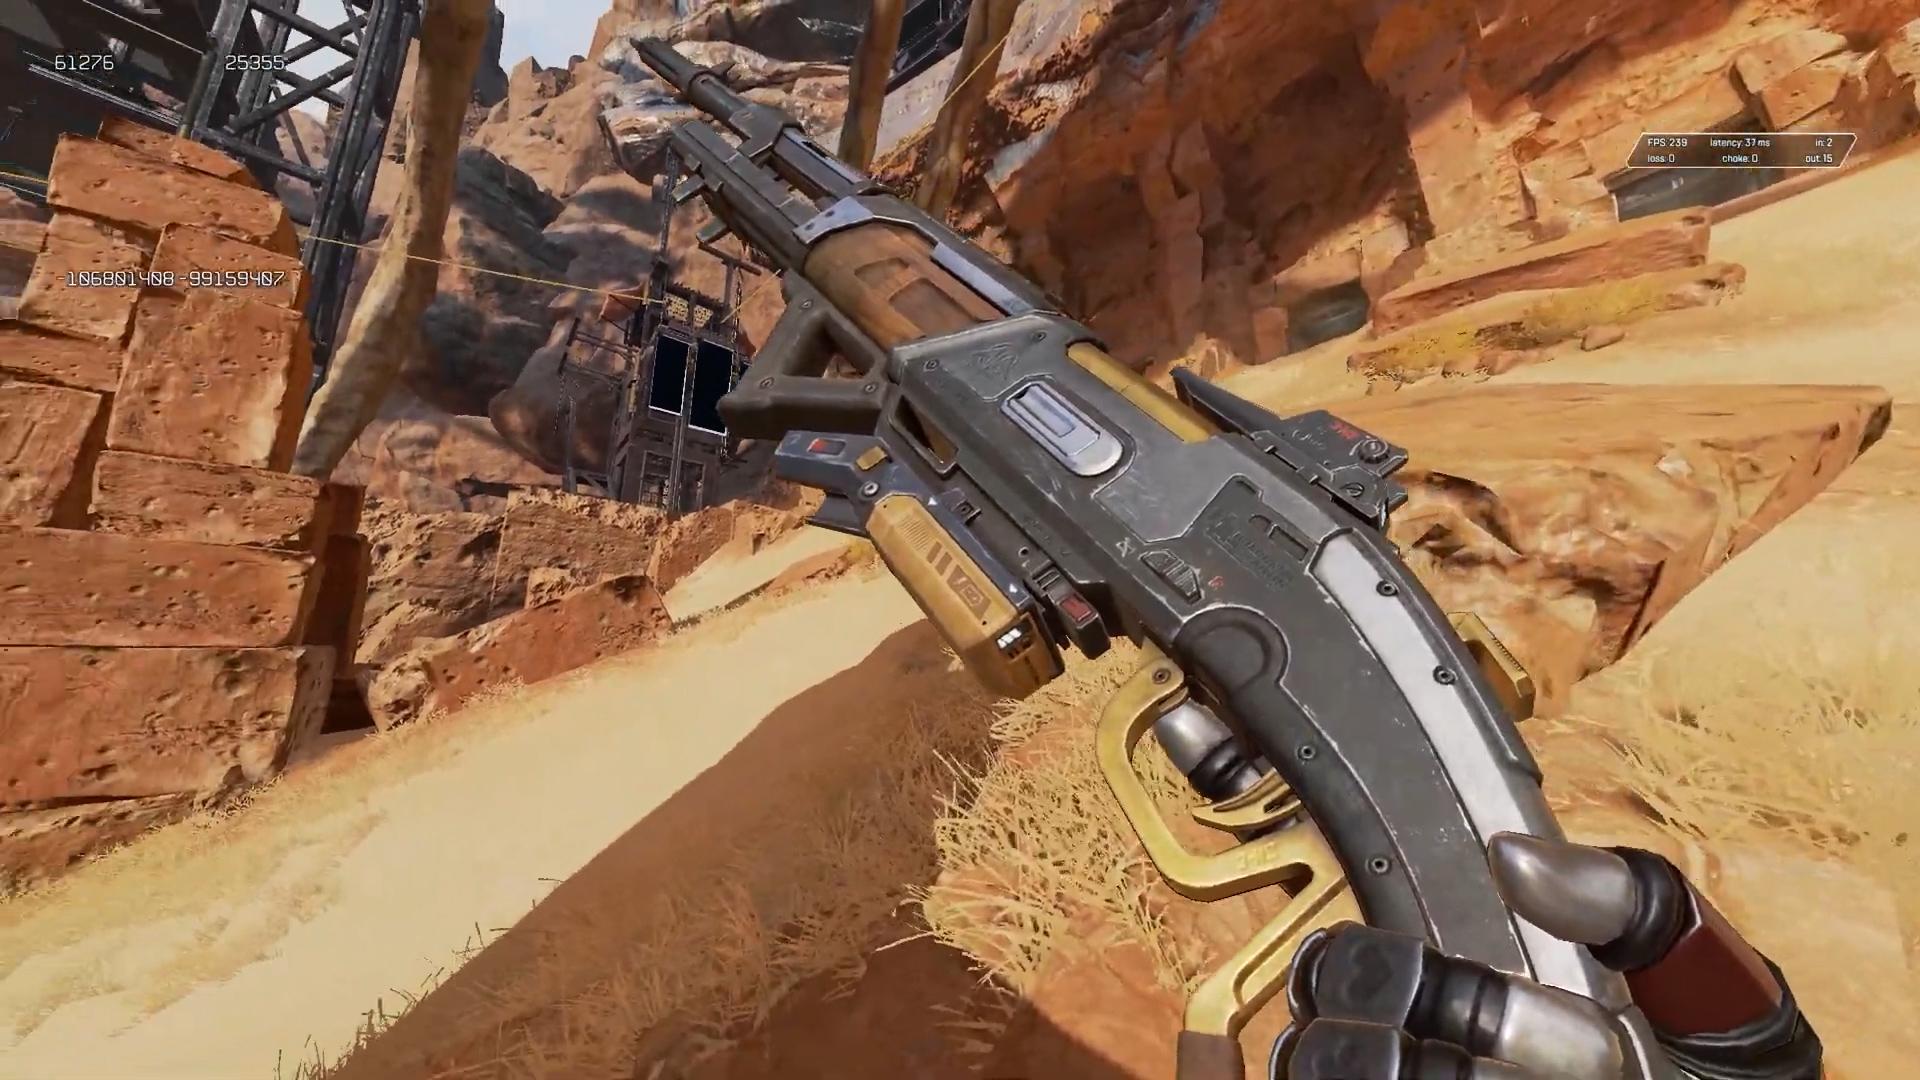 【速報】APEXシーズン8の新武器「30-30リピーター」のゲーム内動画が公開!→金ヘビーマガジンの自動リロード時間も判明!!